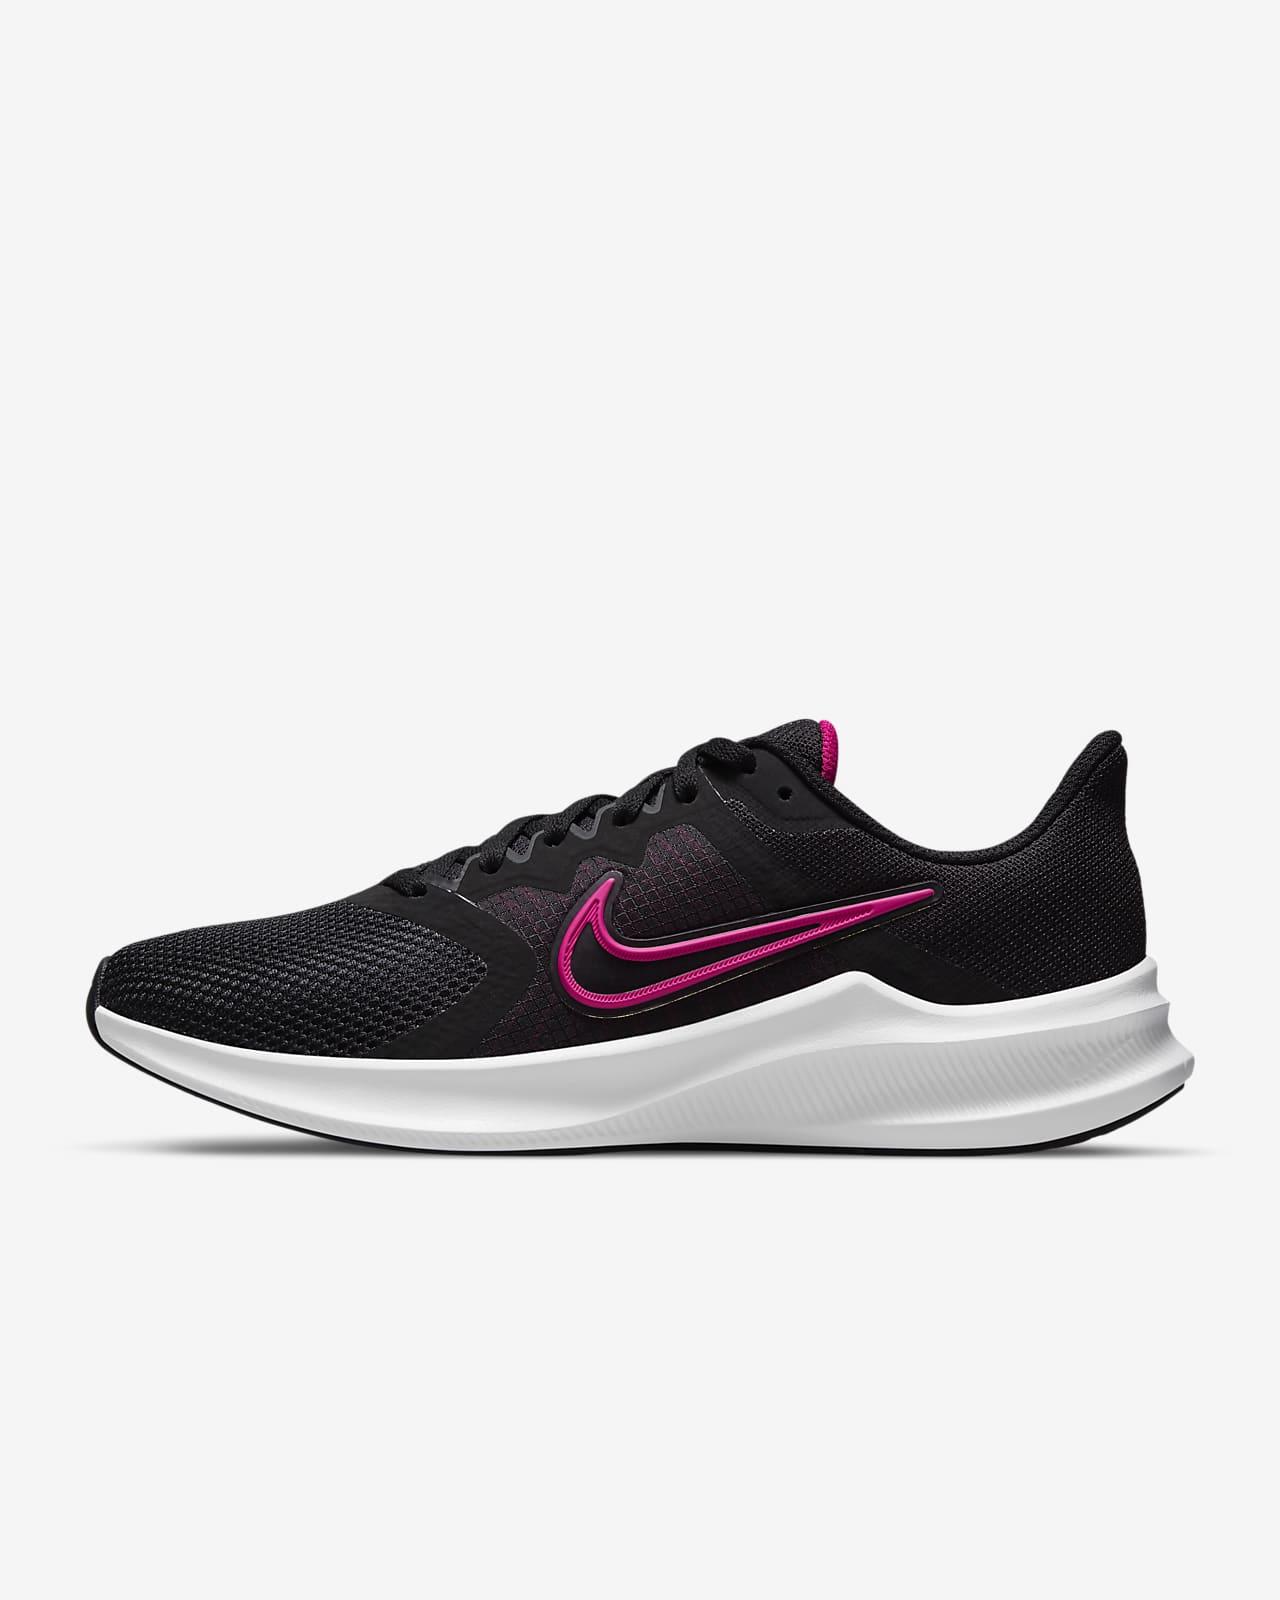 Nike Downshifter 11 Women's Running Shoe